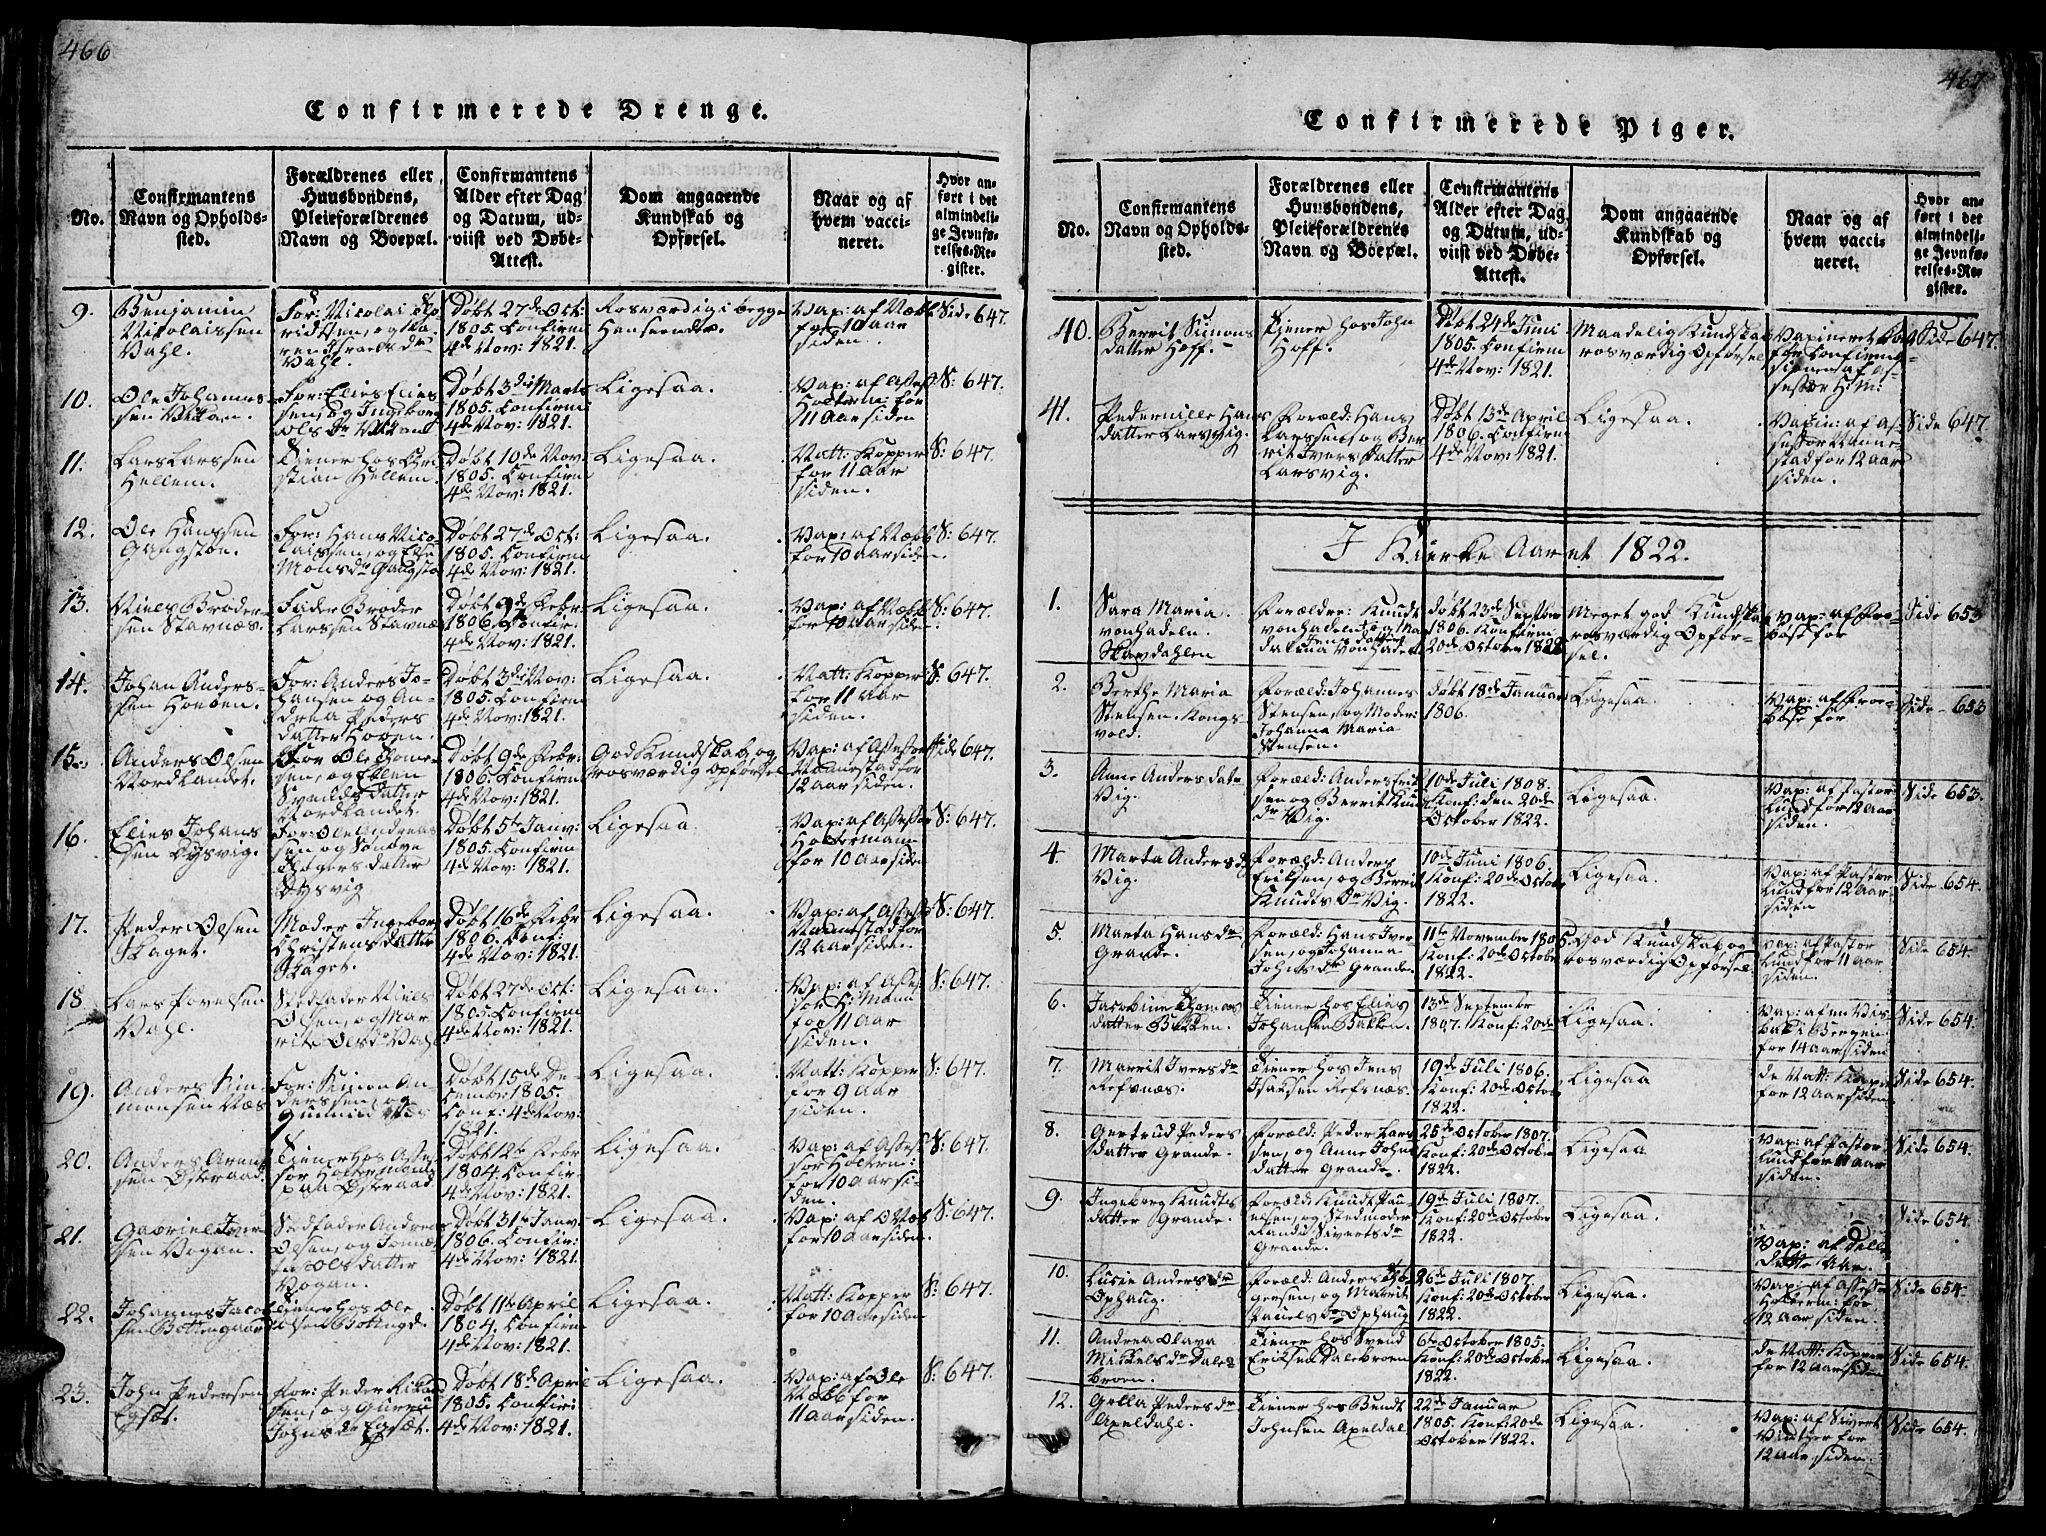 SAT, Ministerialprotokoller, klokkerbøker og fødselsregistre - Sør-Trøndelag, 659/L0744: Klokkerbok nr. 659C01, 1818-1825, s. 466-467